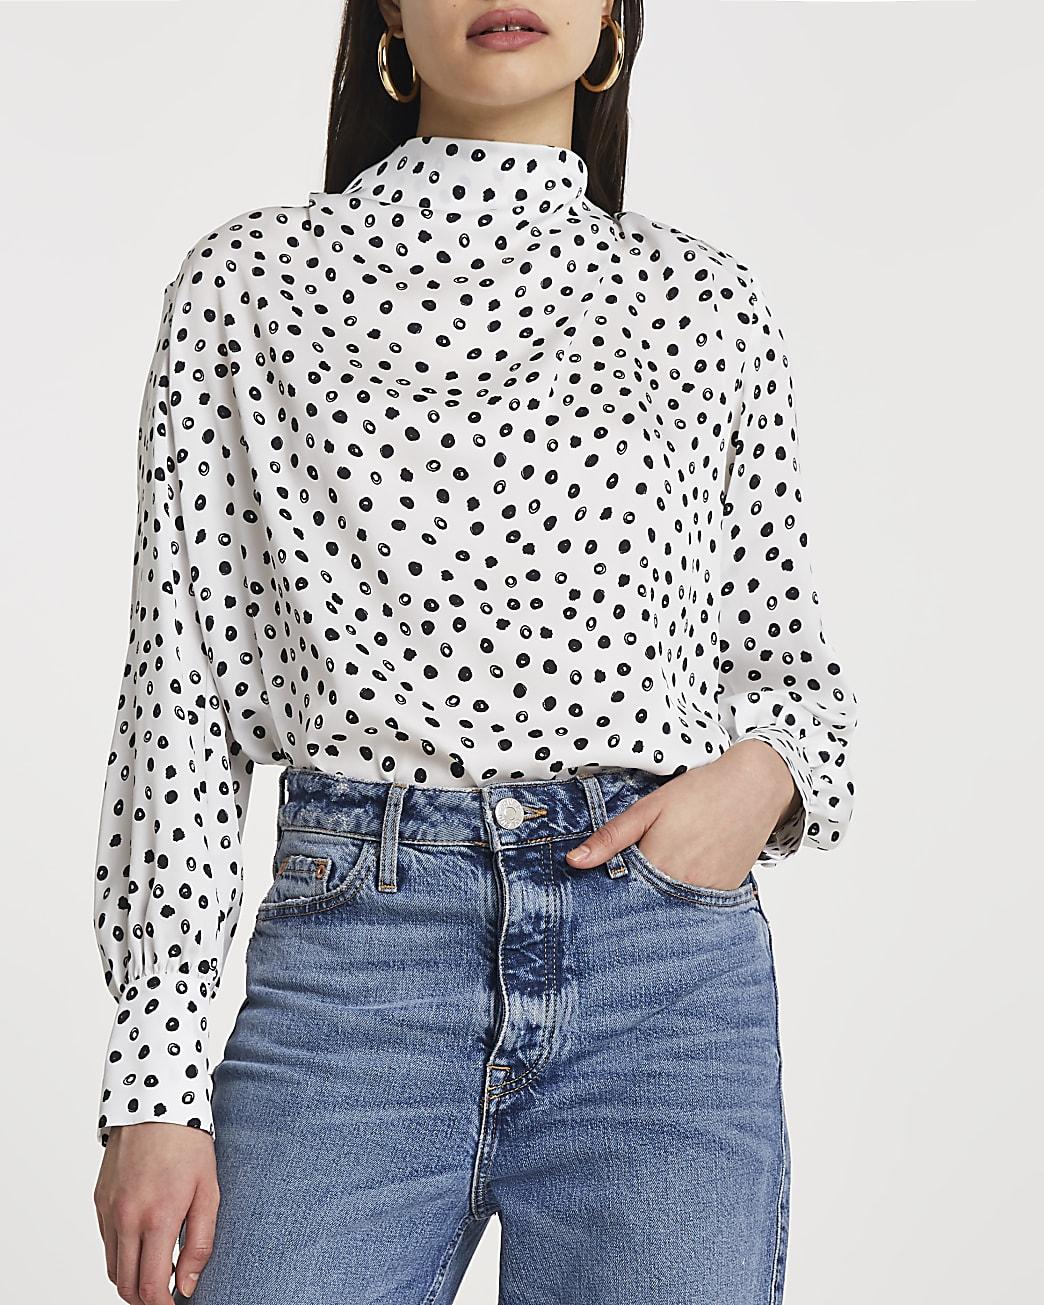 White spot print cowl neck blouse top